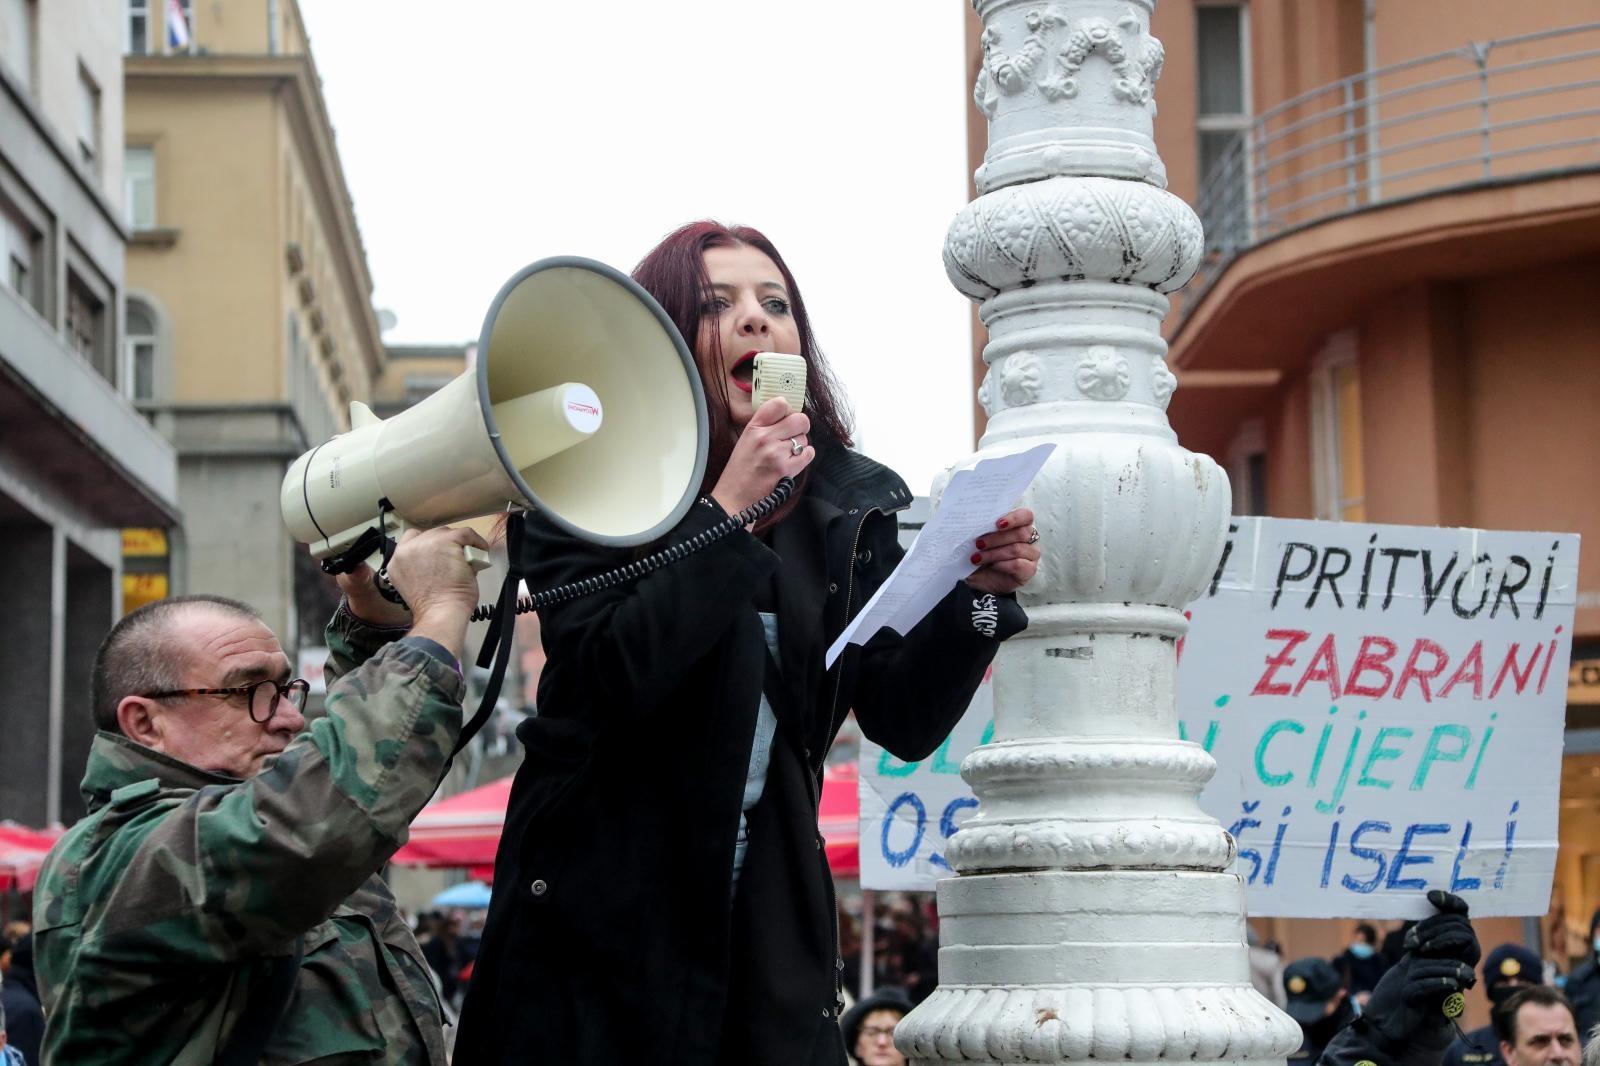 Prosvjed nije prijavljen, a Beber je rekla da se radi o 'spontanom okupljanju'.